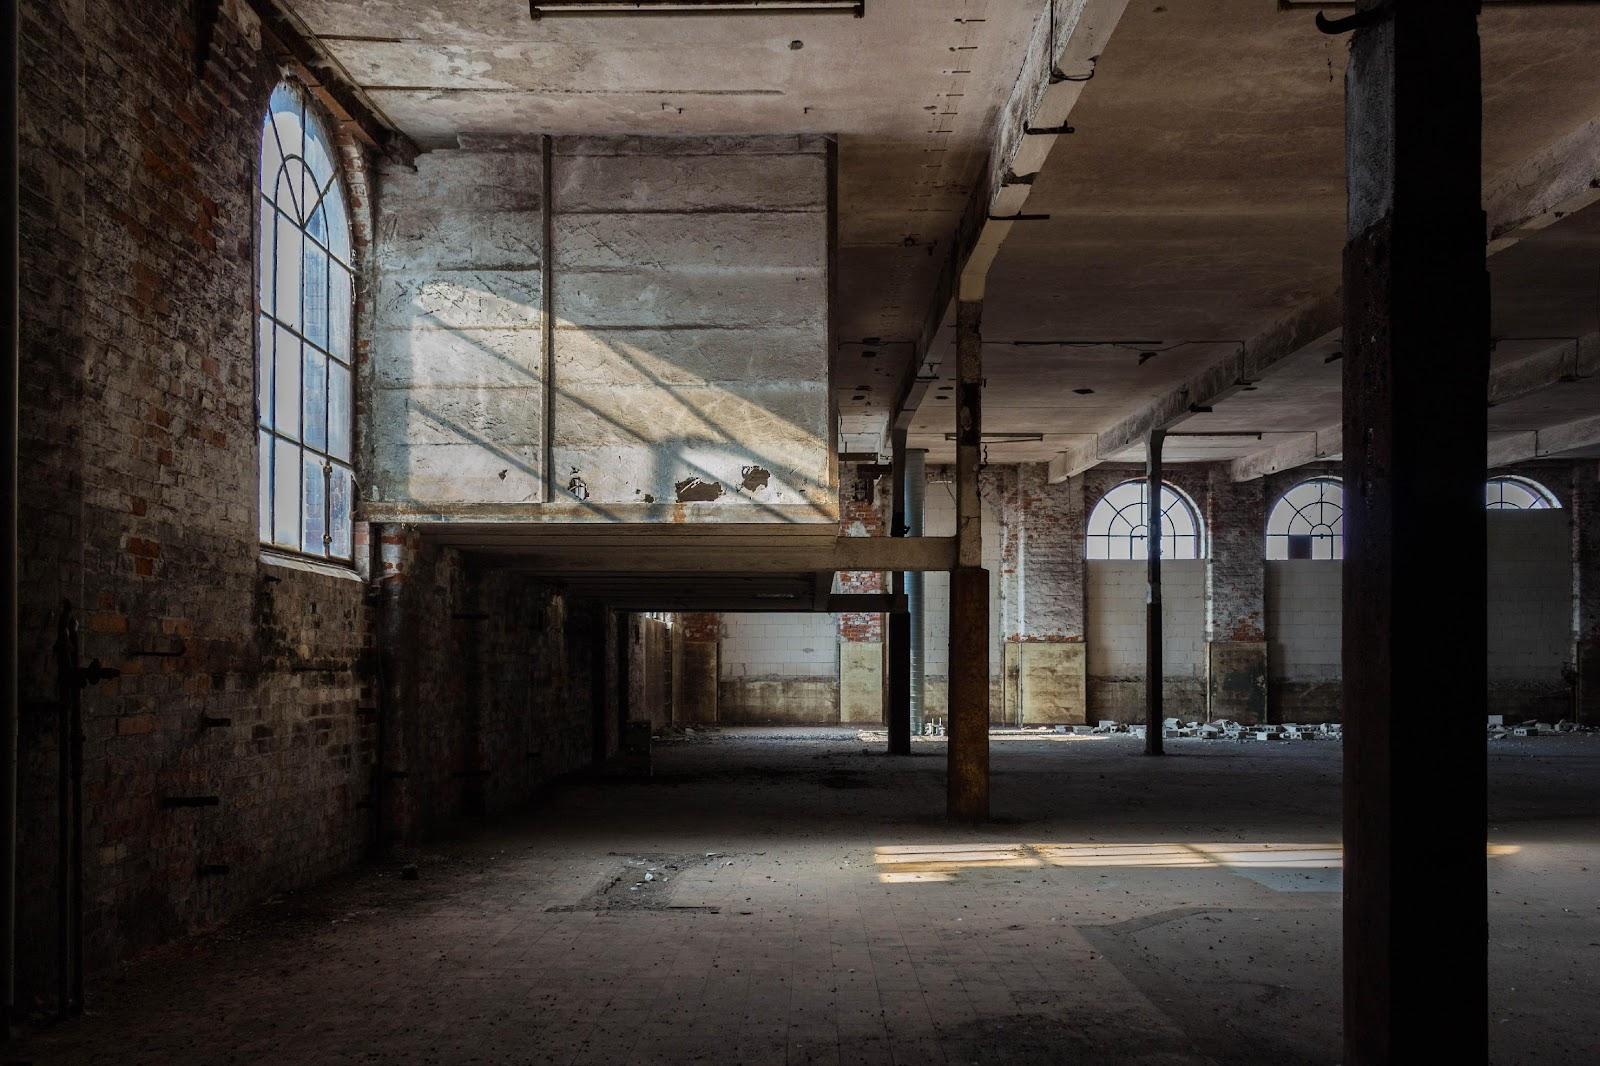 G:\A Kämmerei Verein\a Verlassene Räume\Werbefilm\Ausstellung\Hochbau\Kleinekat Hochbau (17).jpg